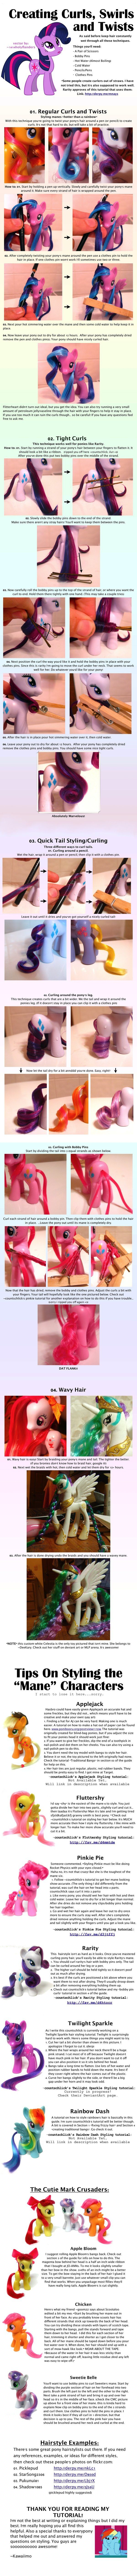 Kawaiimo's Pony Hair Styling Guide 2/2 by ~kawaiimo on deviantART